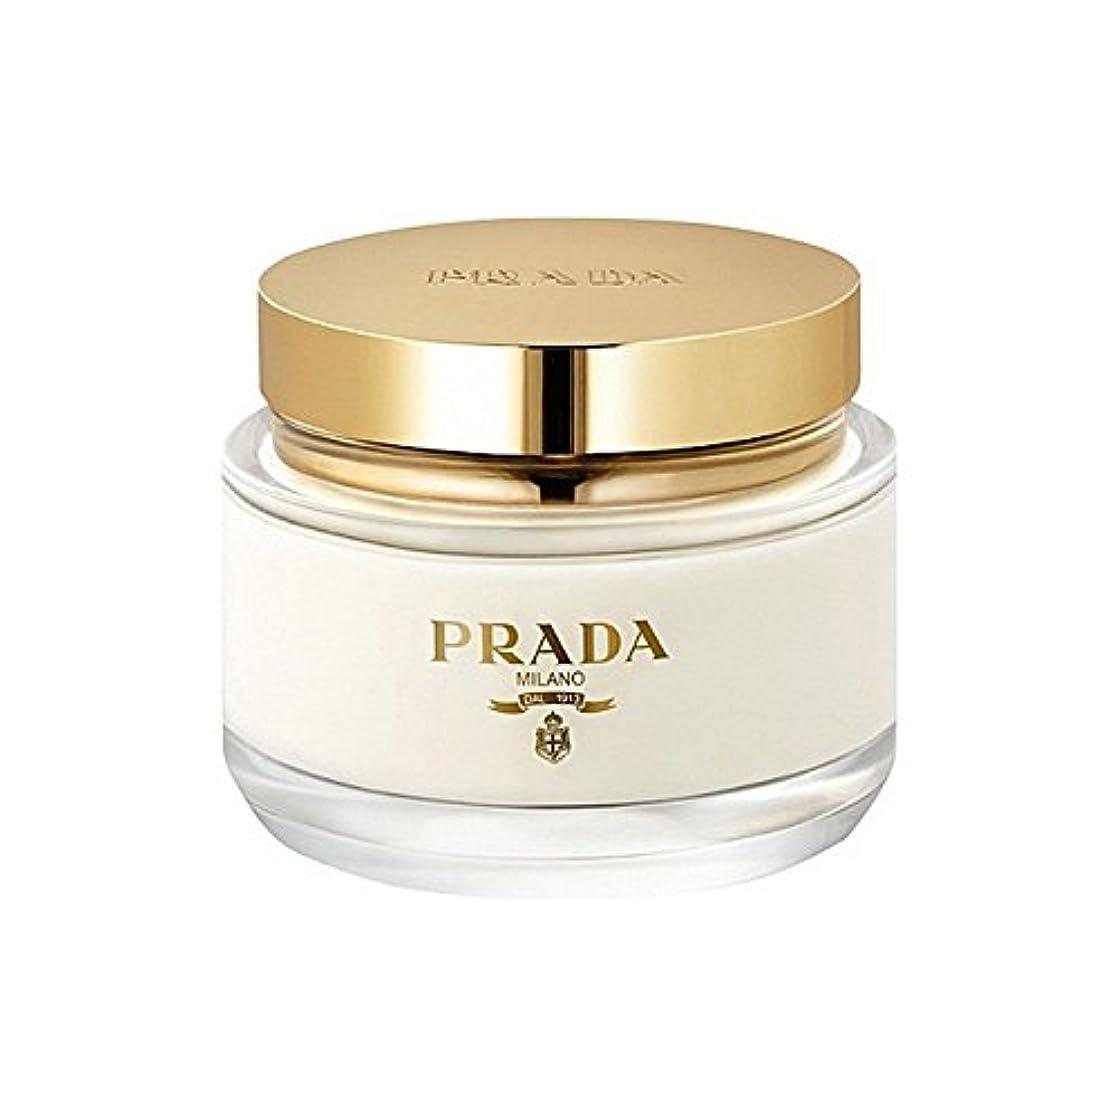 安西キャリッジ投票プラダラファムボディローション200 x2 - Prada La Femme Body Lotion 200ml (Pack of 2) [並行輸入品]